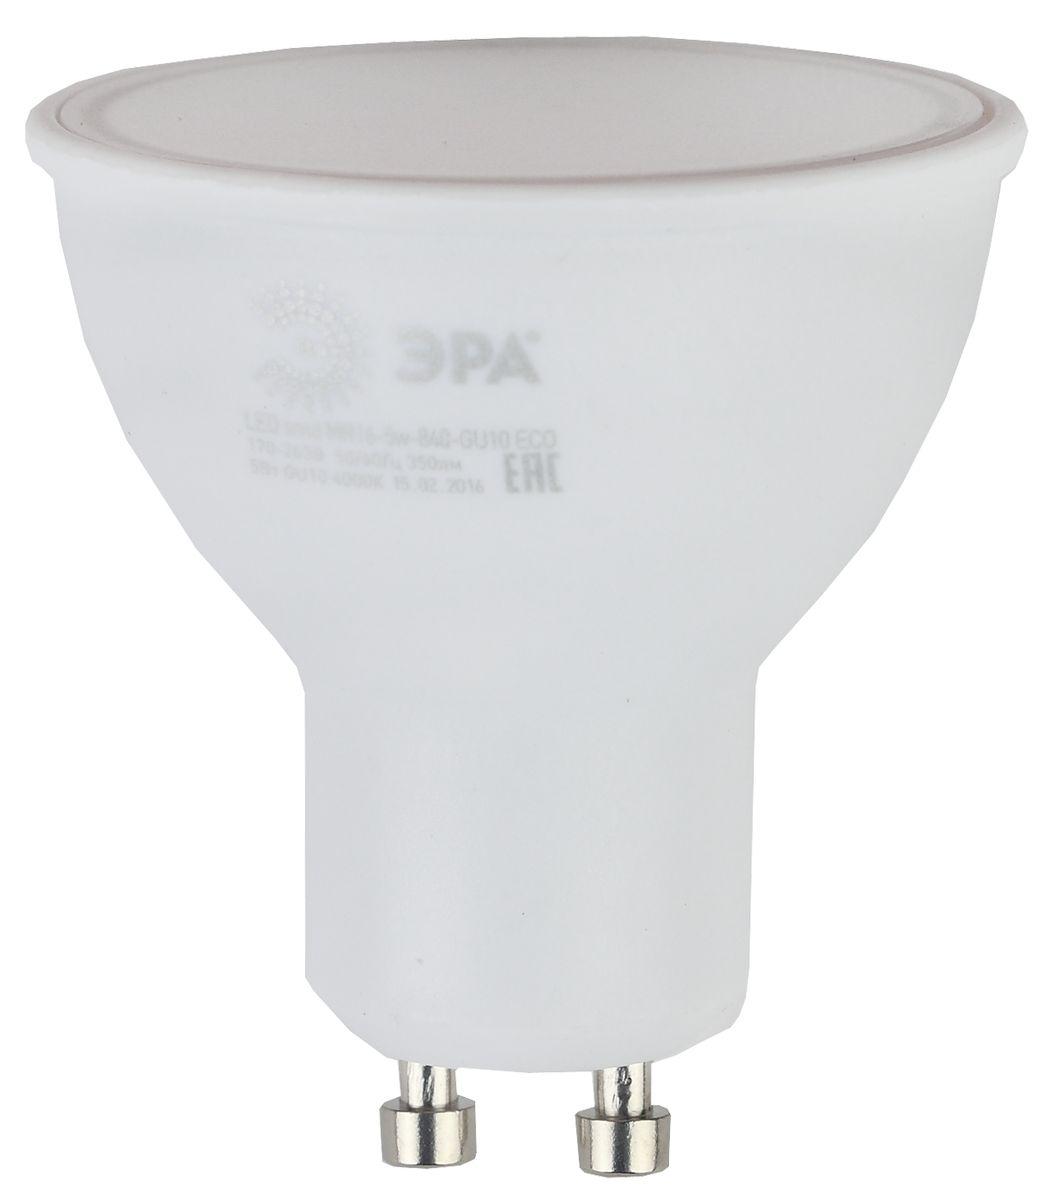 Лампа светодиодная ЭРА, цоколь GU10, 170-265V, 5W, 4000К. Б00190635055945536461Светодиодная лампа ЭРА является самым перспективным источником света. Основным преимуществом данного источника света является длительный срок службы и очень низкое энергопотребление, так, например, по сравнению с обычной лампой накаливания светодиодная лампа служит в среднем в 50 раз дольше и потребляет в 10-15 раз меньше электроэнергии. При этом светодиодная лампа практически не подвержена механическому воздействию из-за прочной конструкции и позволяет получить любой цвет светового потока, что, несомненно, расширяет возможности применения и позволяет создавать новые решения в области освещения. Особенности серии Eco: Предназначена для обычного потребителя Цена ниже, чем цена компактной люминесцентной лампы Световая отдача источников света - 70-80 лм/Вт Срок службы составляет 25000 часов Гарантия - 1 год. Работа в цепи с выключателем с подсветкой не рекомендована.